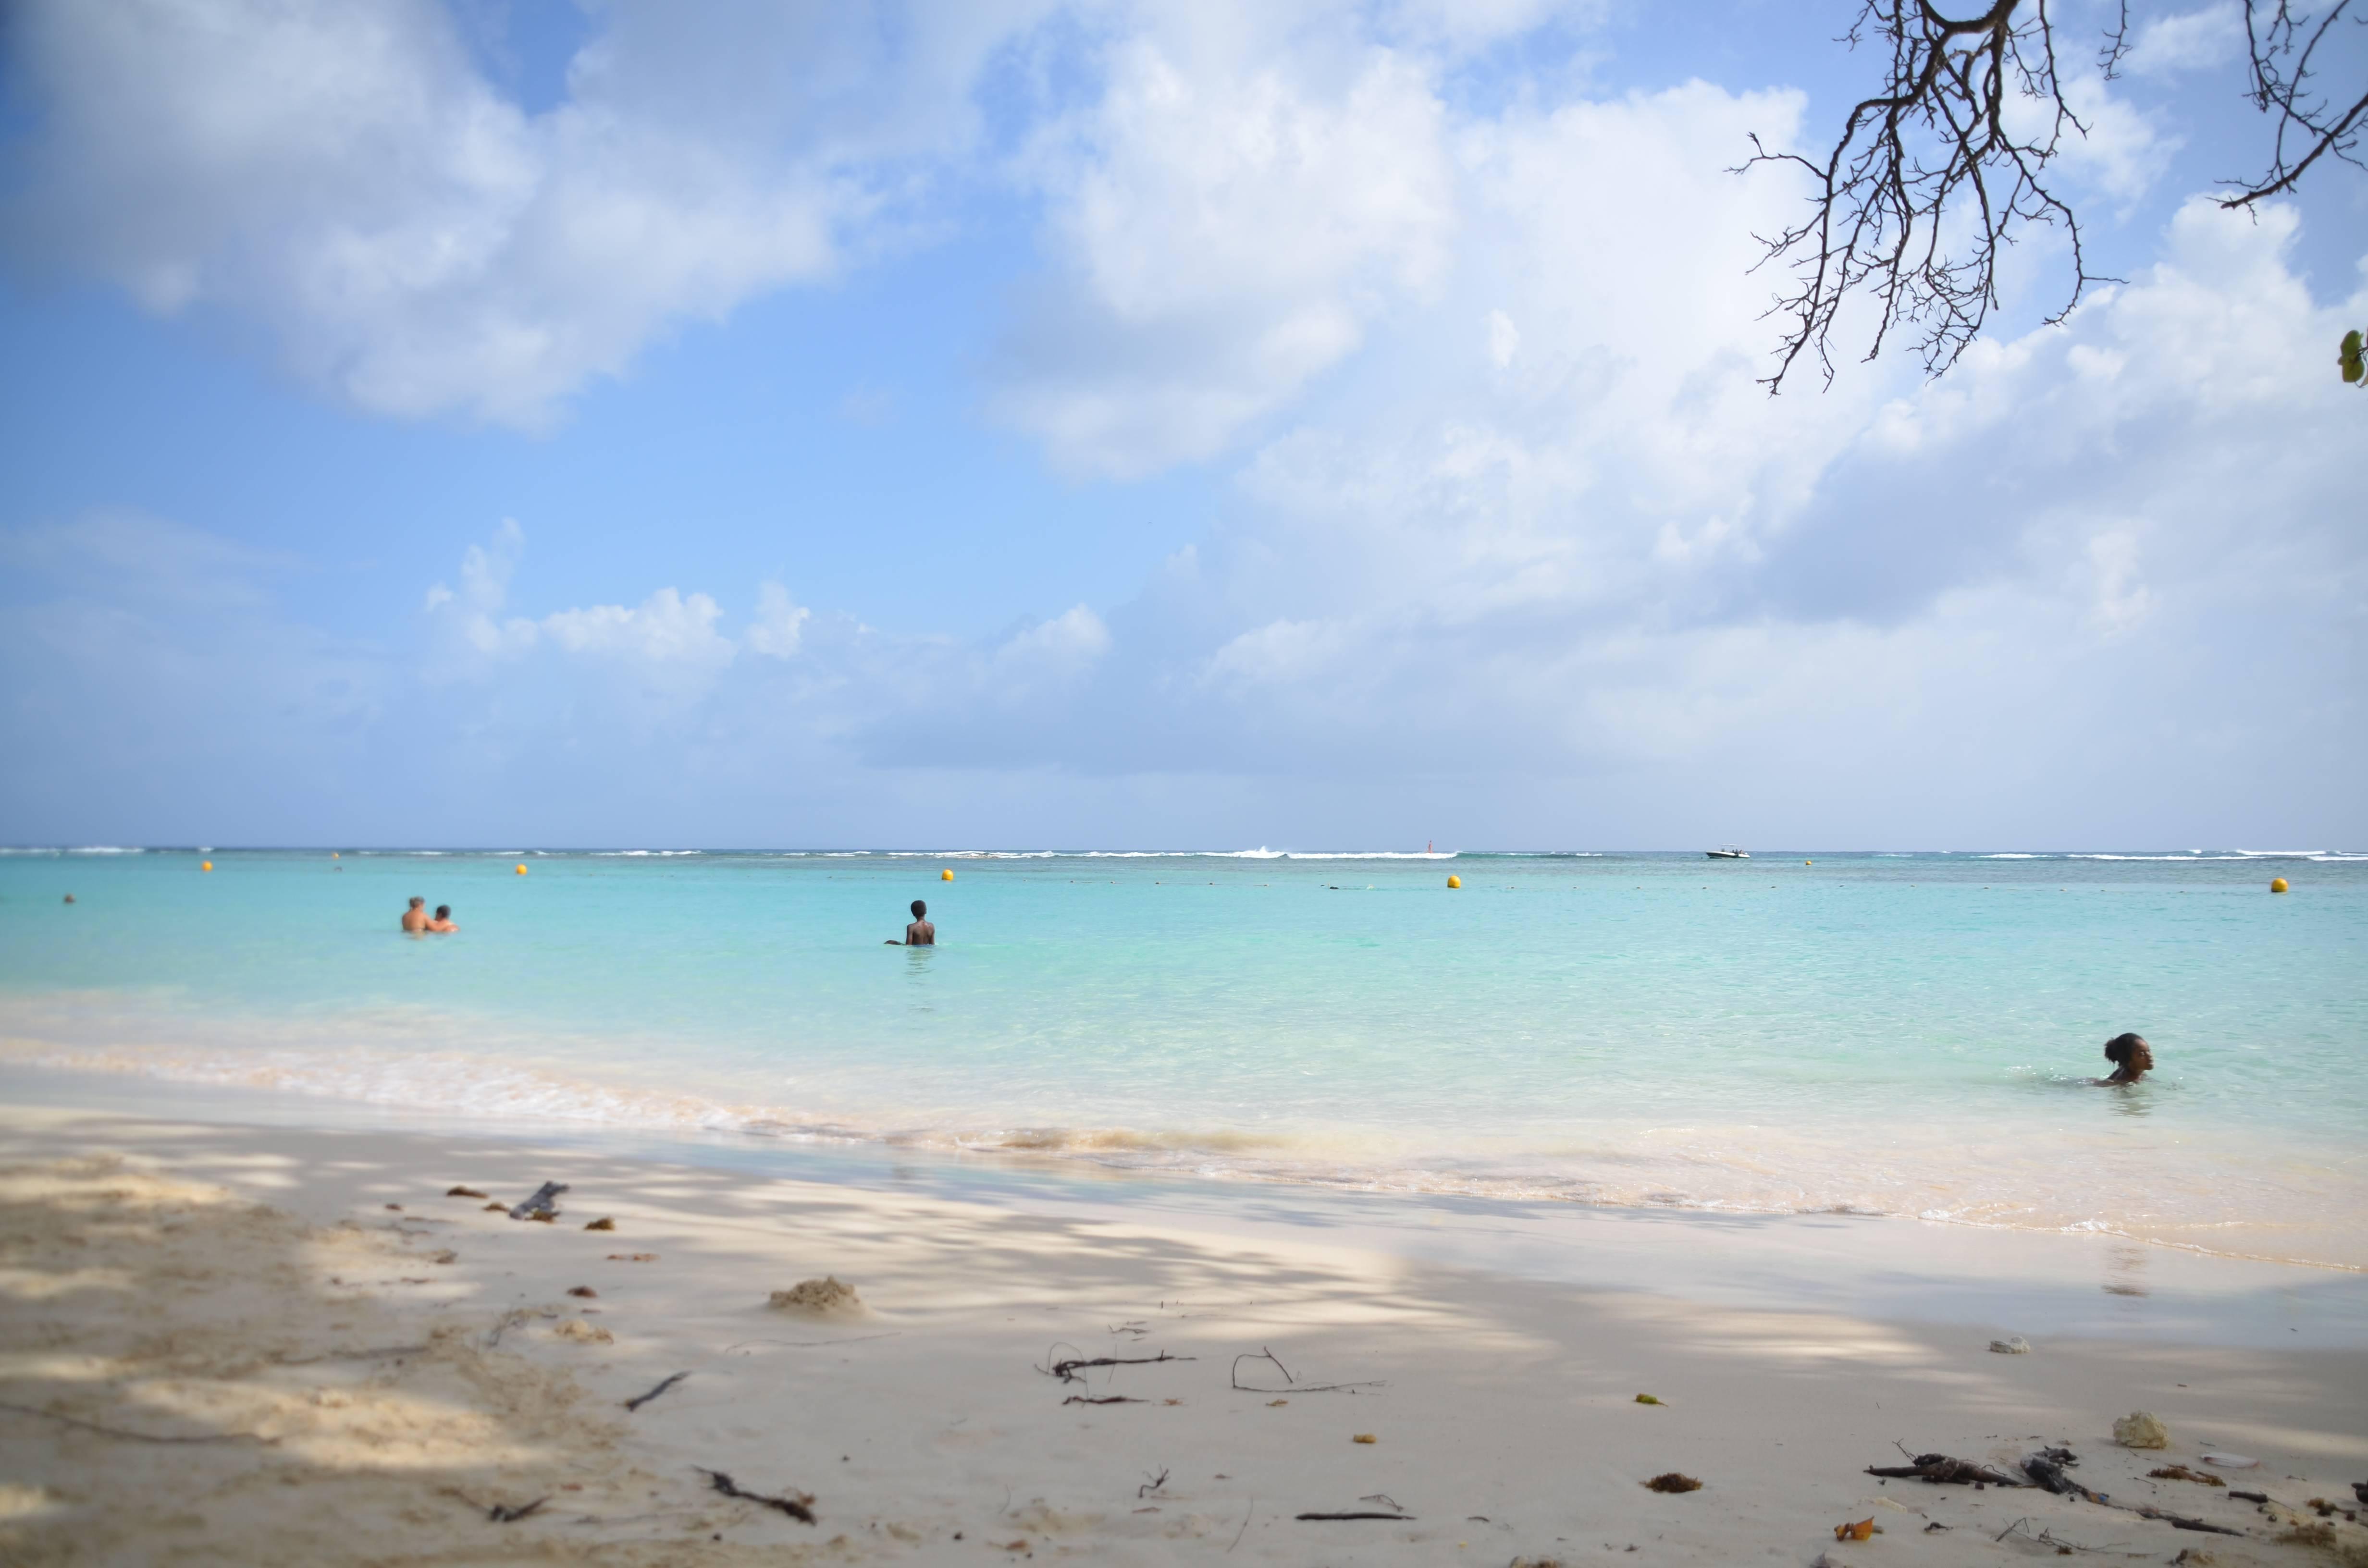 Photo 3: Sainte Anne, son eau turquoise et ses barbecues du Dimanche !